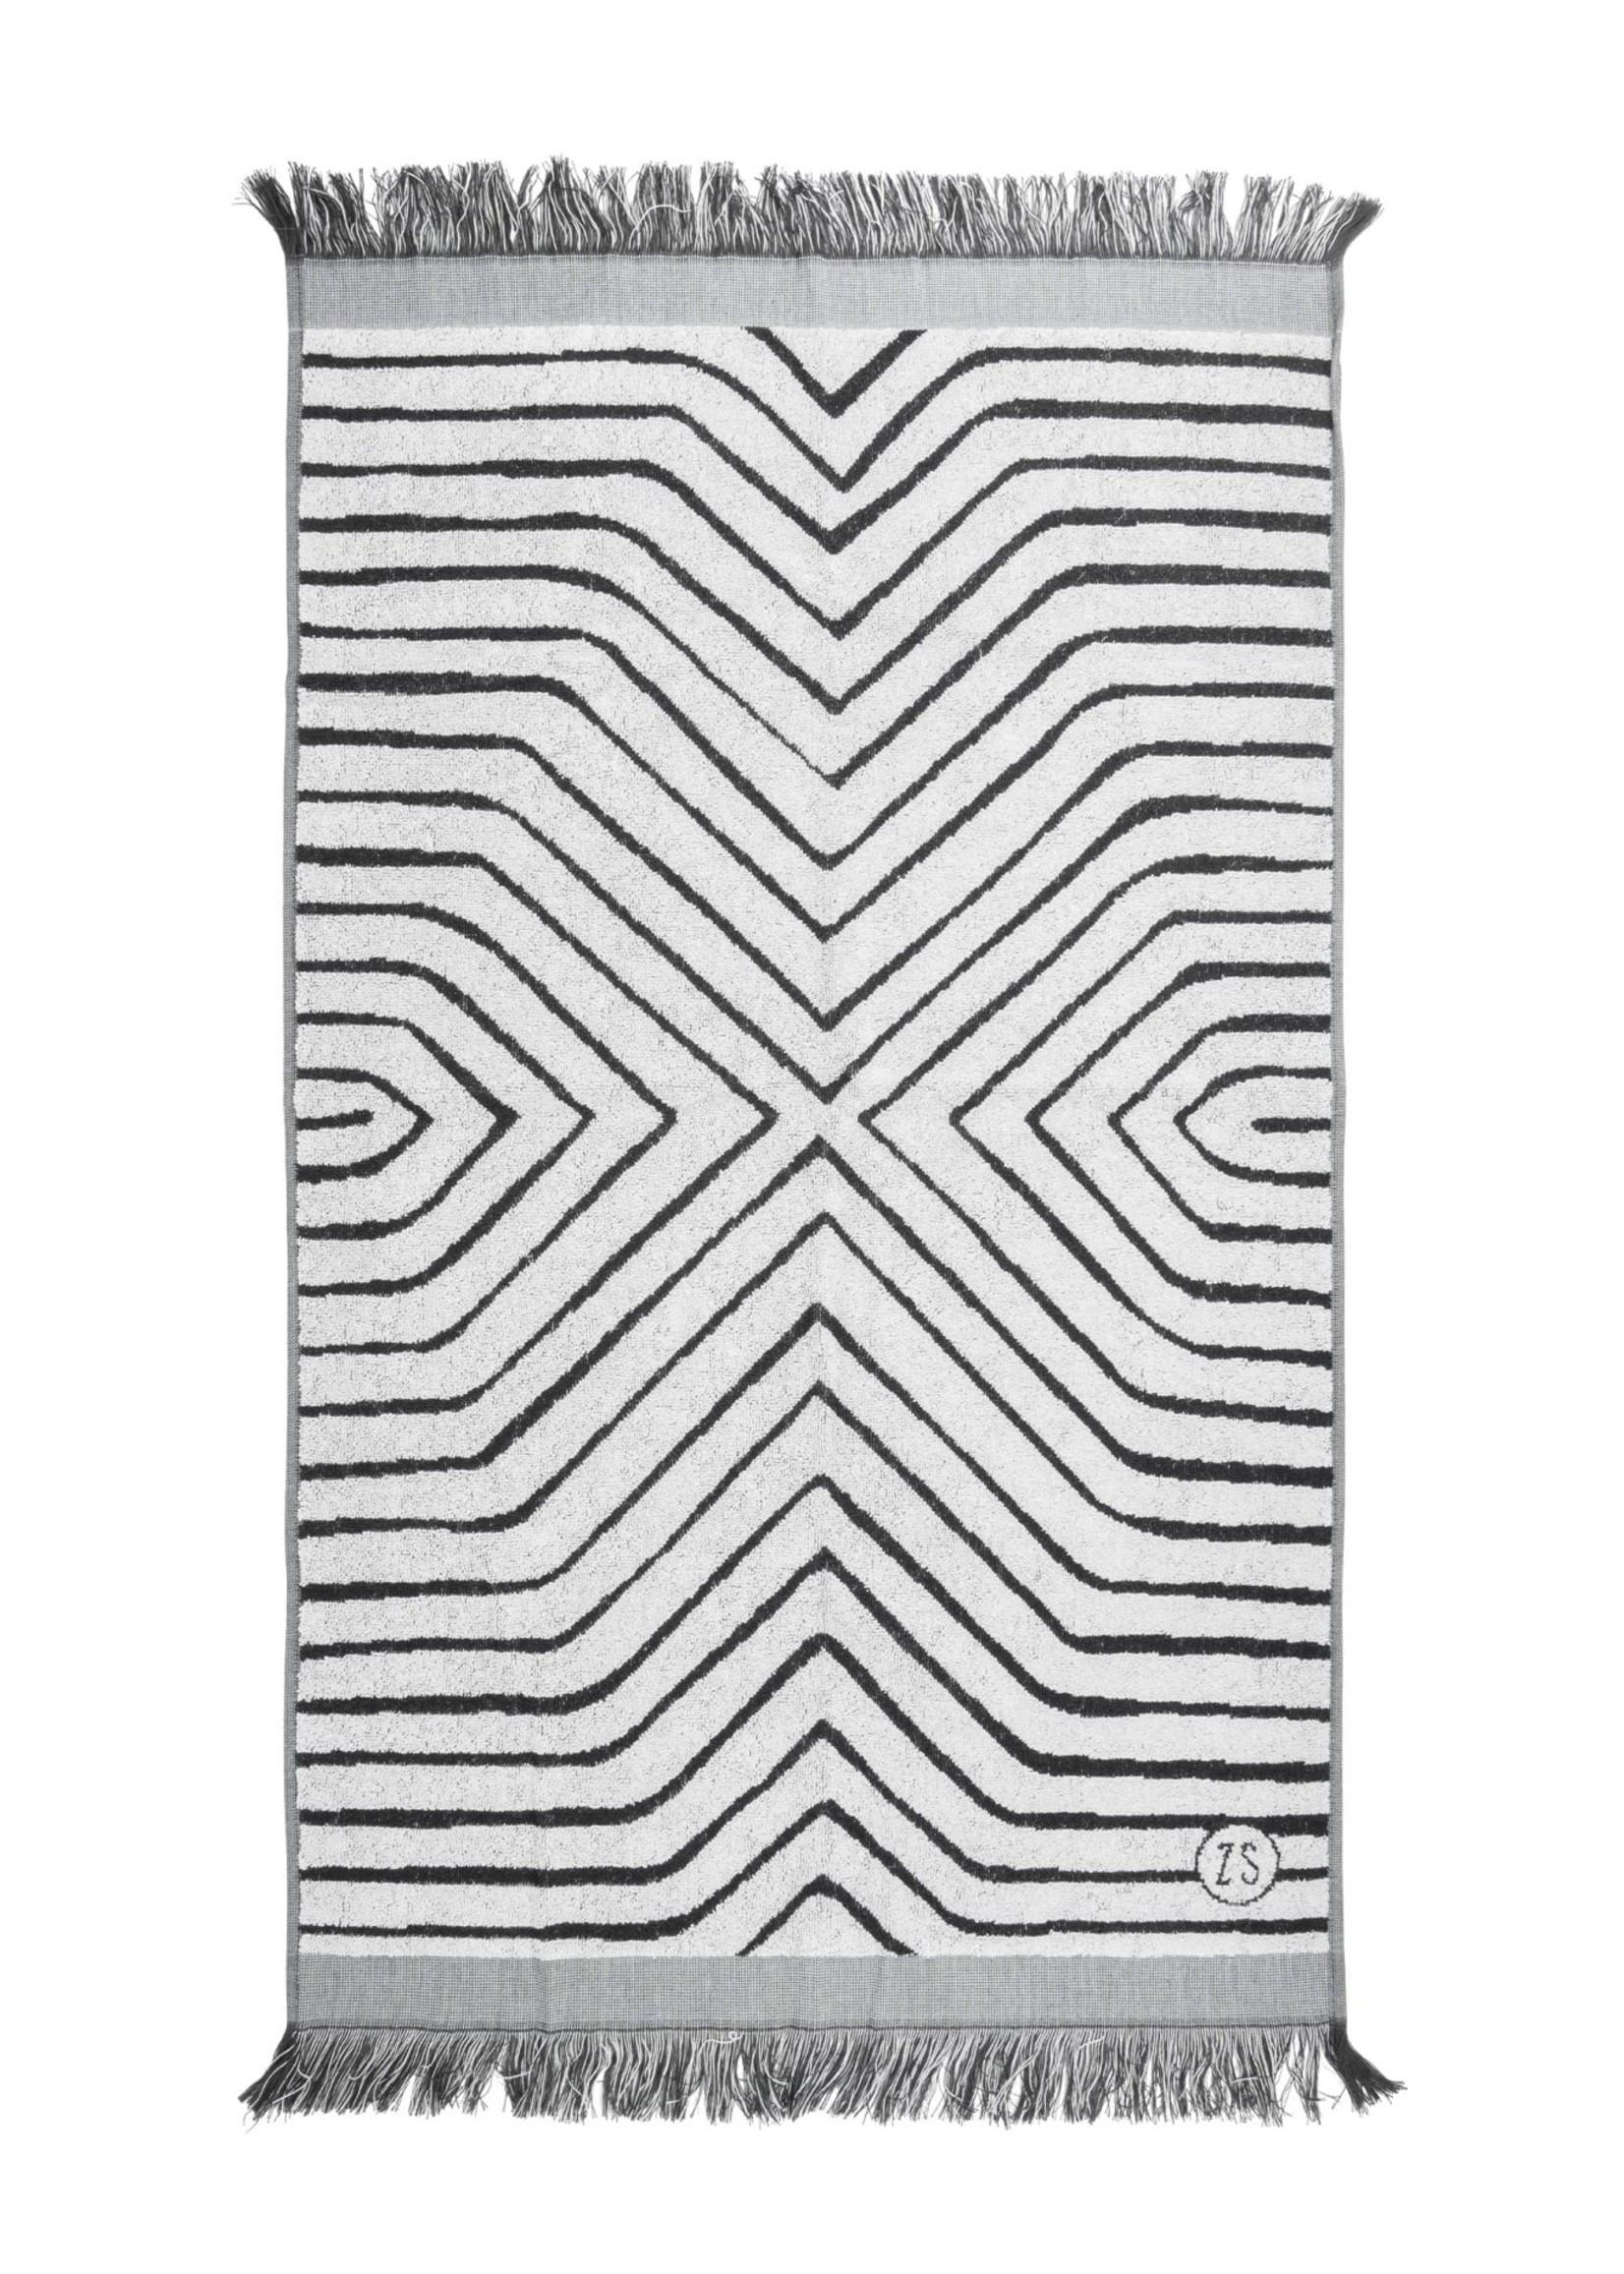 ZUSSS badhanddoek grafisch patroon 60x115cm grijs